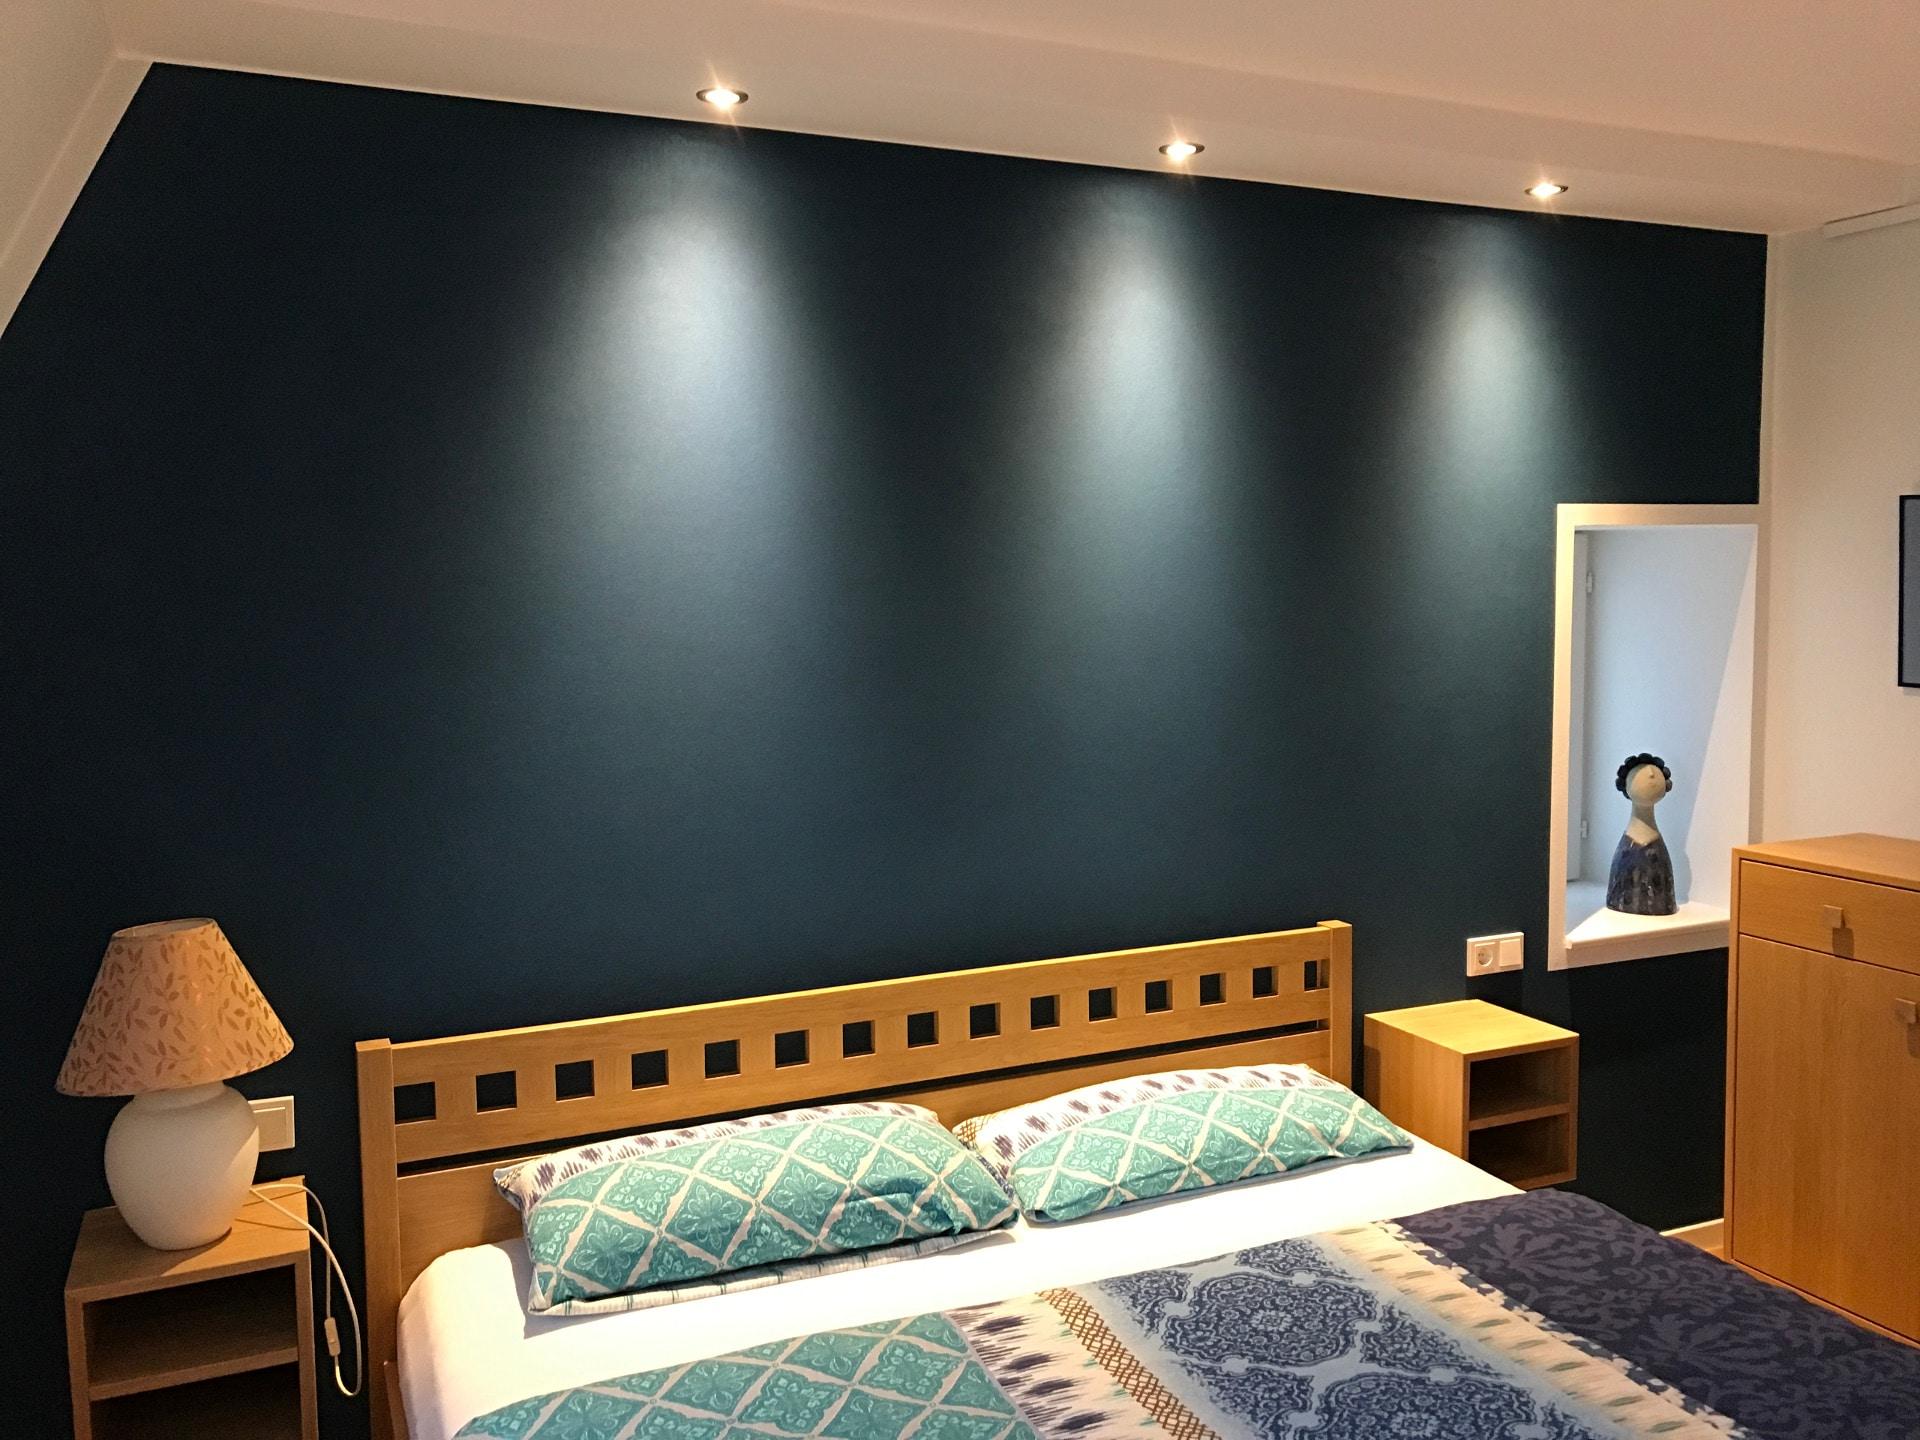 Schlafzimmer - Renovieren, Modernisieren, Sanieren - BHG Trier Koblenz Luxemburg